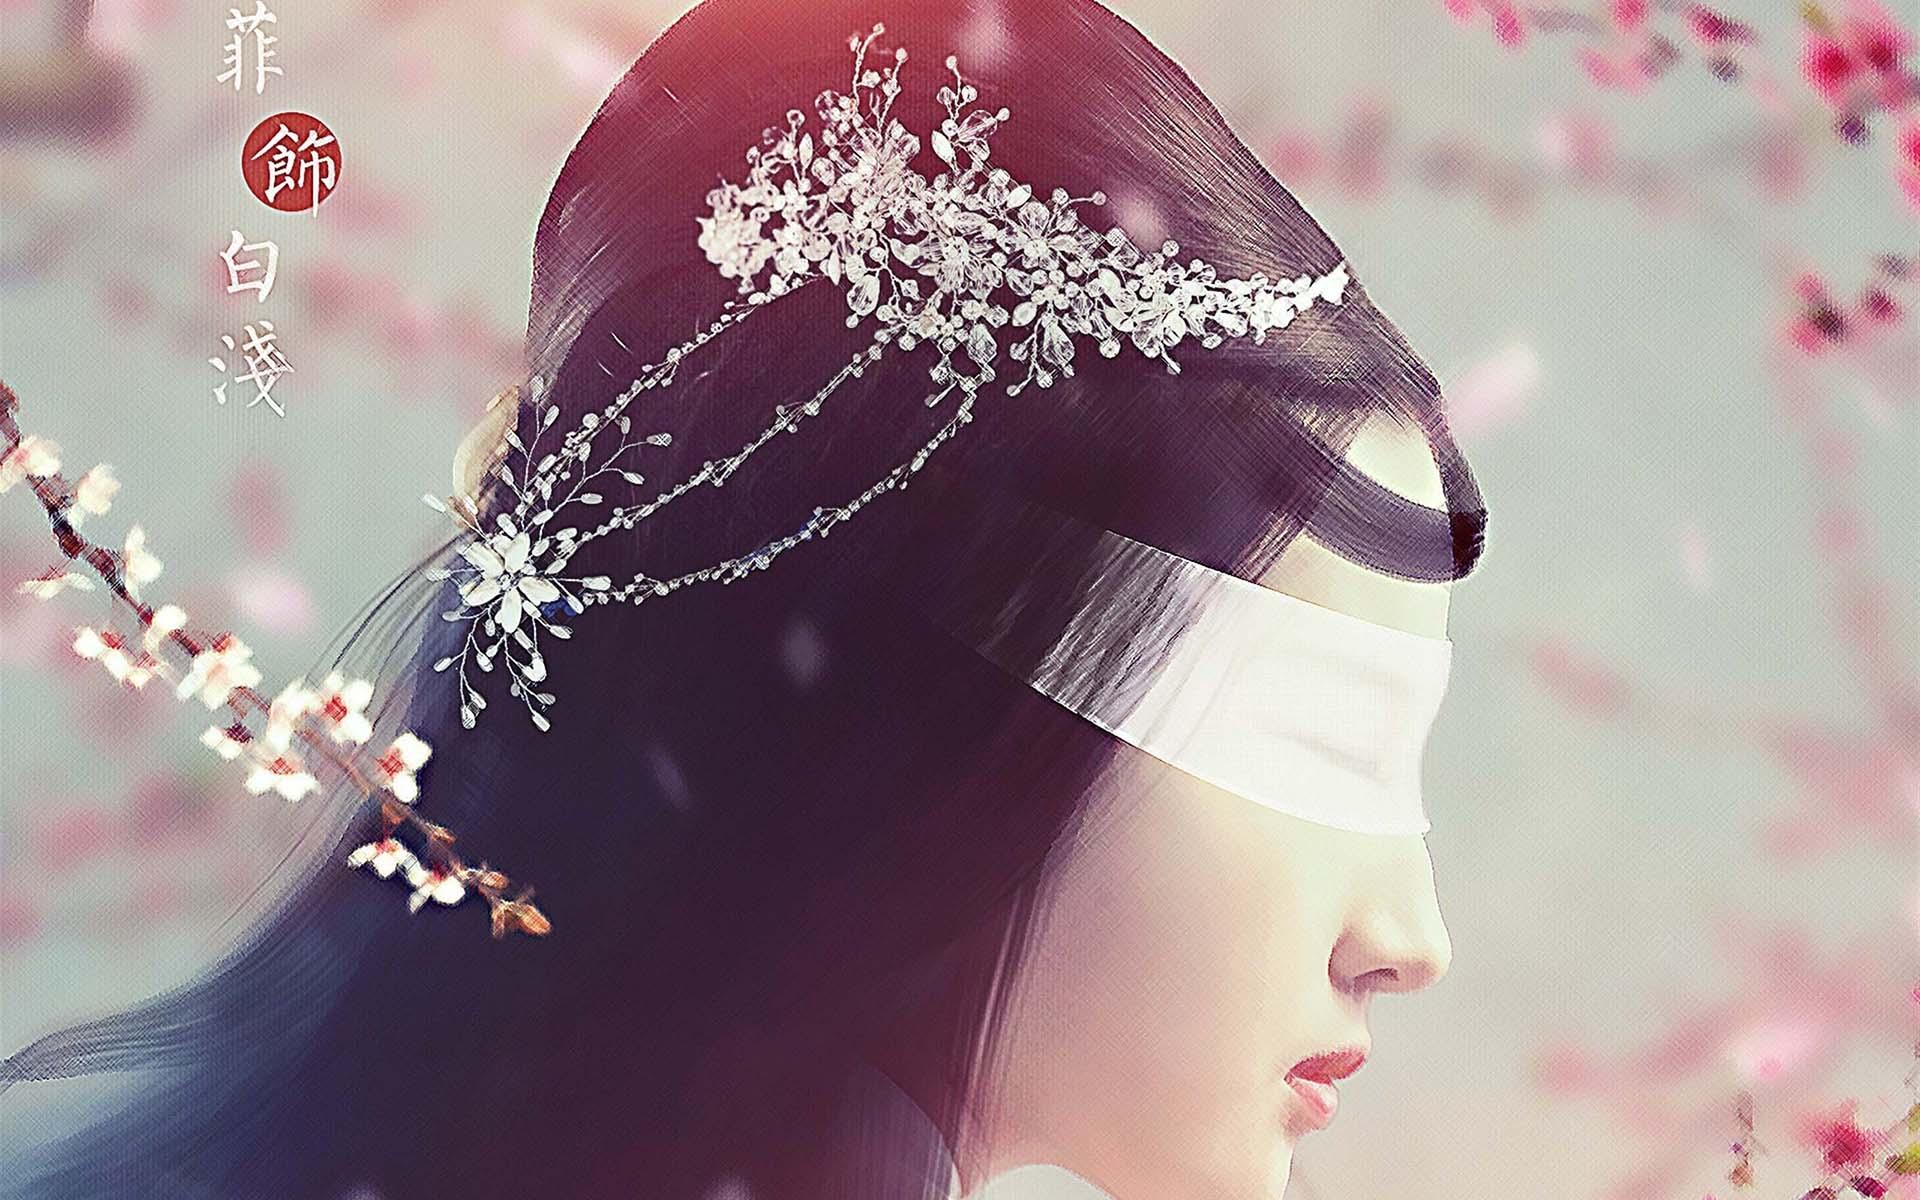 刘亦菲唯美高清桌面壁纸 三生三世十里桃花刘亦菲唯美高清壁纸 高清壁纸 第11张